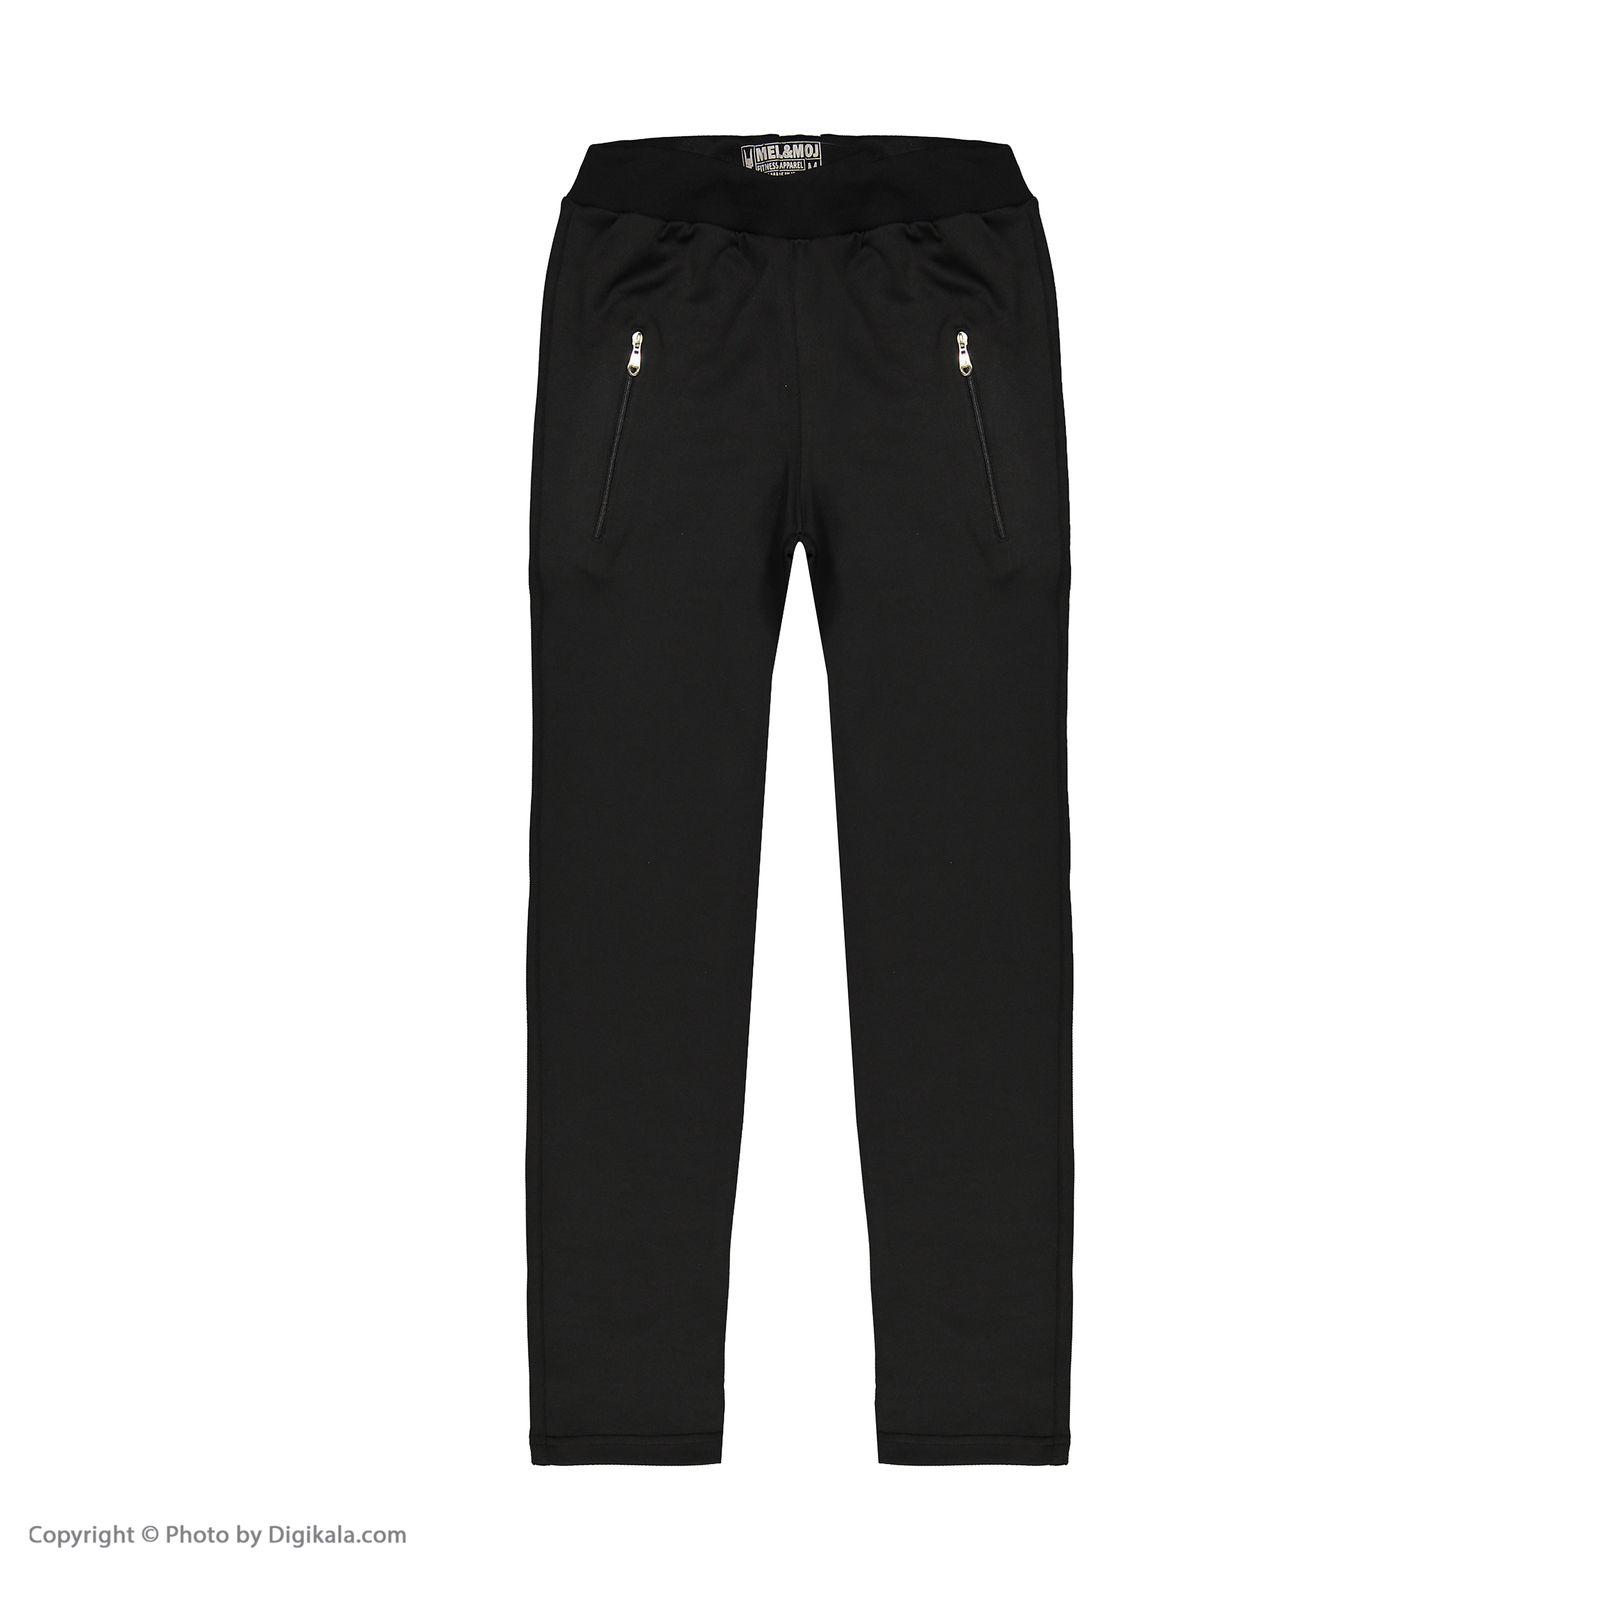 ست سویشرت و شلوار ورزشی زنانه مل اند موژ مدل SUPA01-004 -  - 7